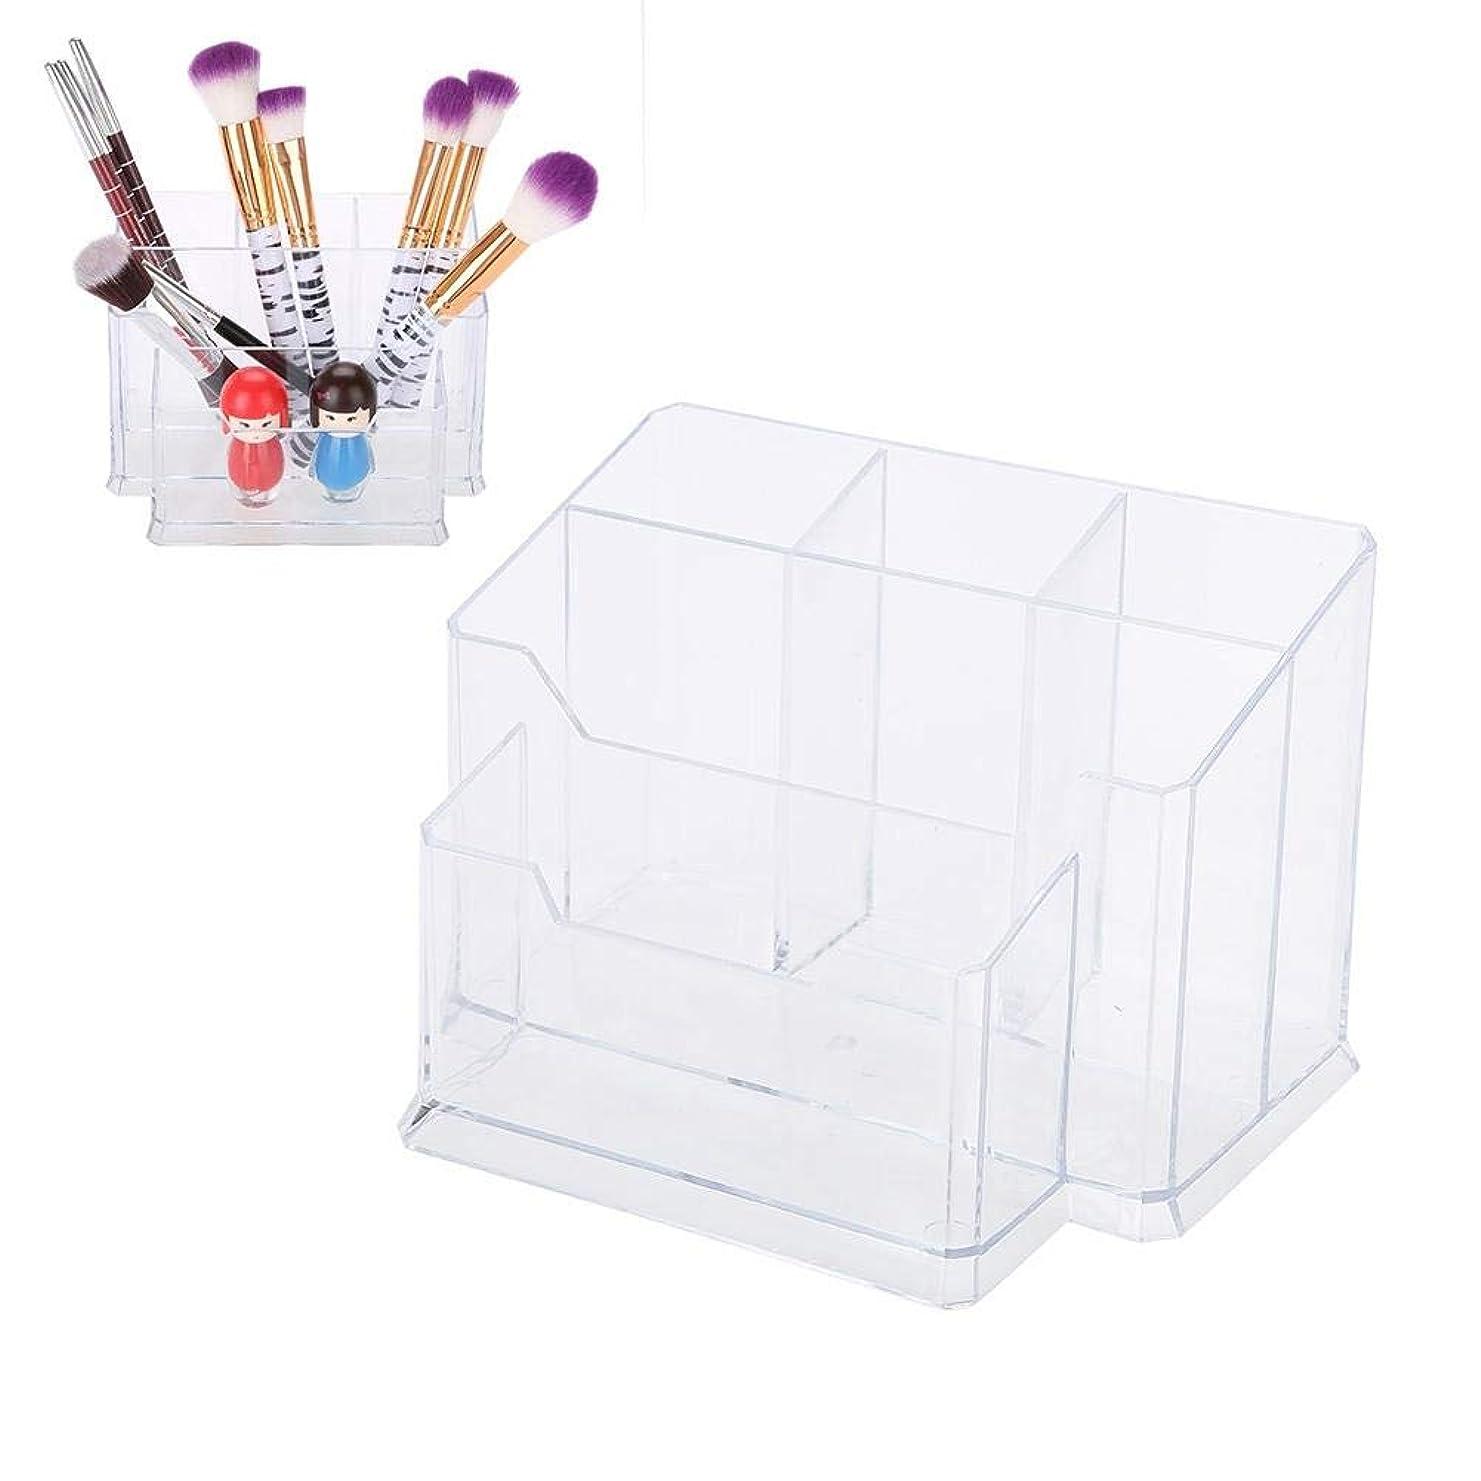 ご覧くださいスリップヘクタール透明なネイルペンホルダー化粧ブラシ、収納ボックスケースディスプレイシェルフマニキュアツール